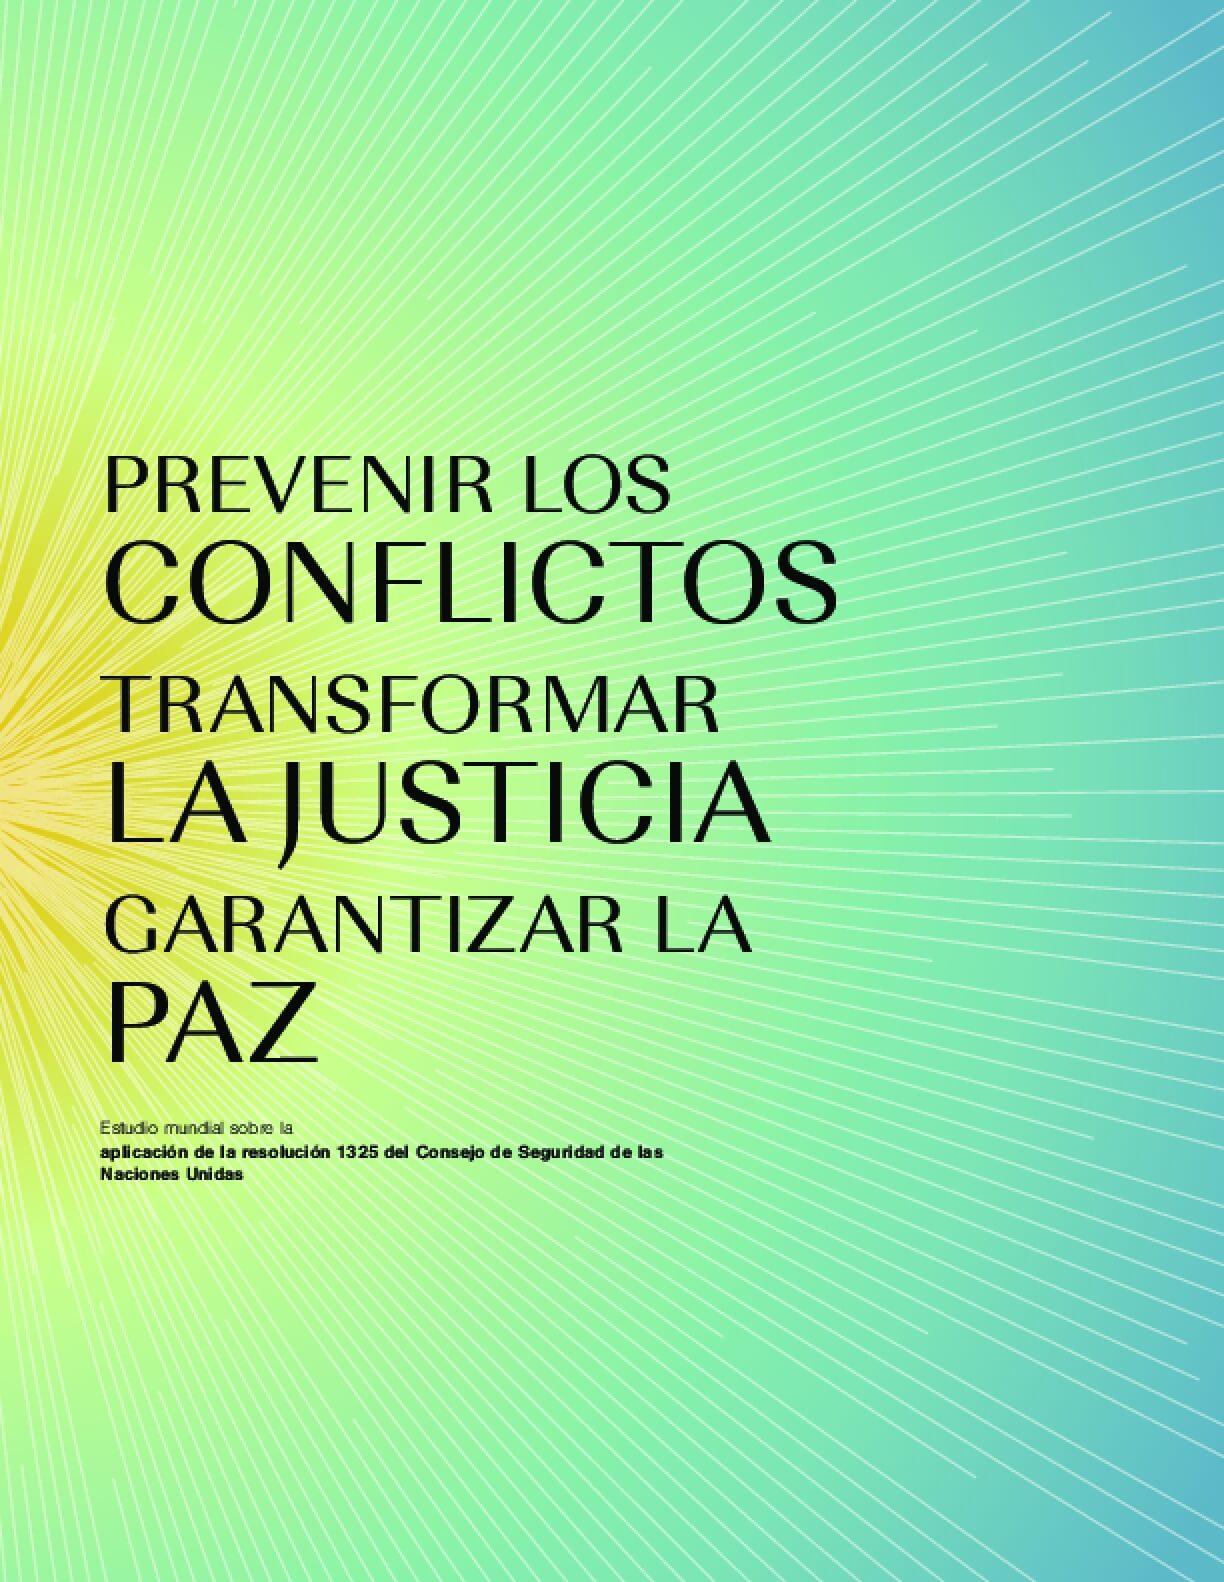 Prevenir los Conflictos Transformar la Justicia Garantizar la Paz: Estudio mundial sobre la aplicación de la resolución 1325 del Consejo de Seguridad de las Naciones Unidas